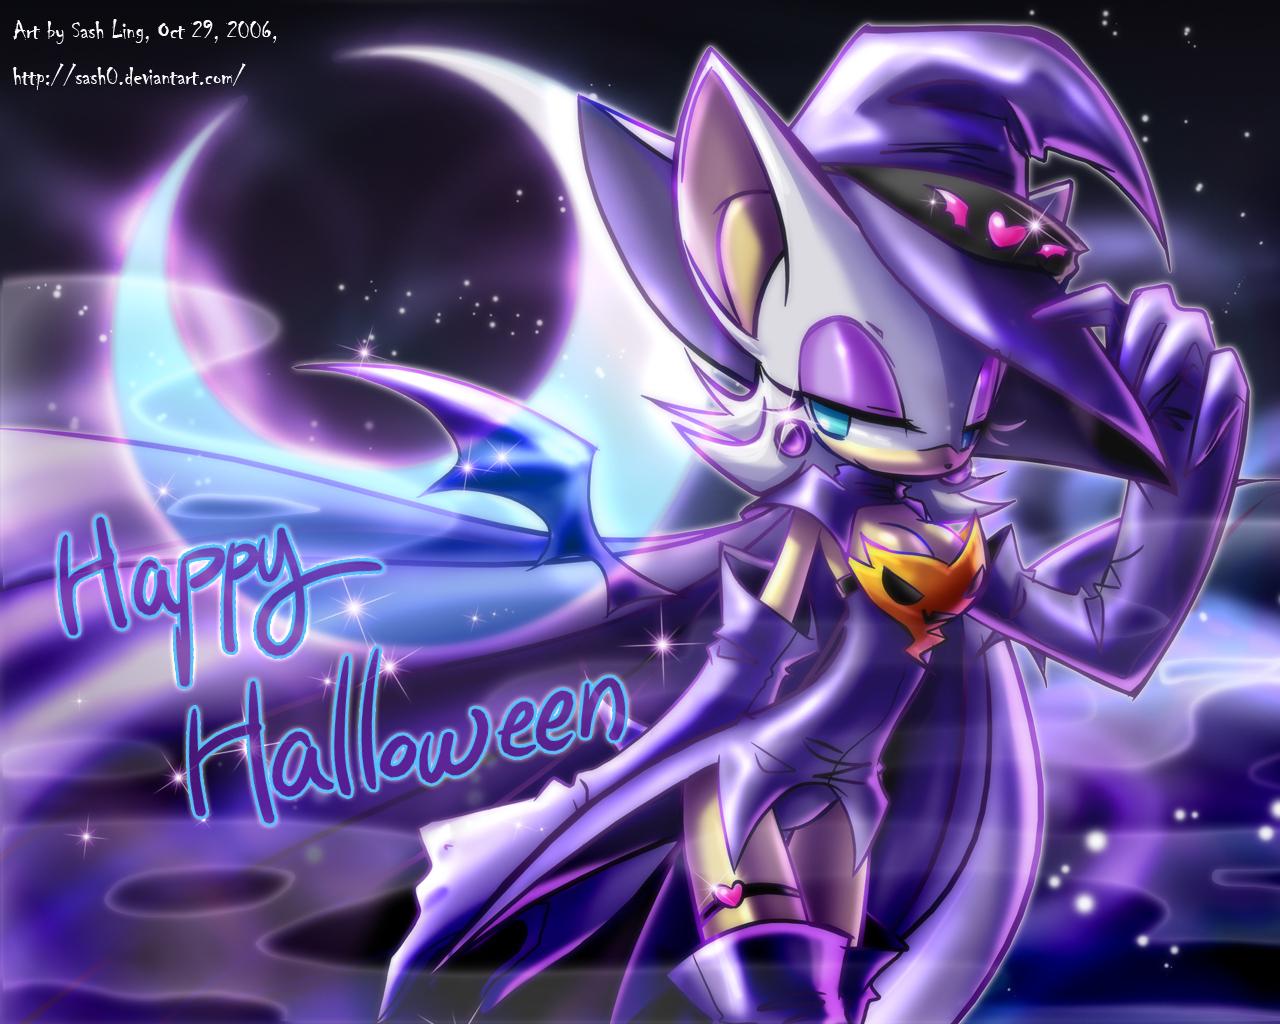 Amazing Wallpaper Halloween Purple - HALLOWEEN-sonic-halloween-2307292-1280-1024  Snapshot_14367.jpg